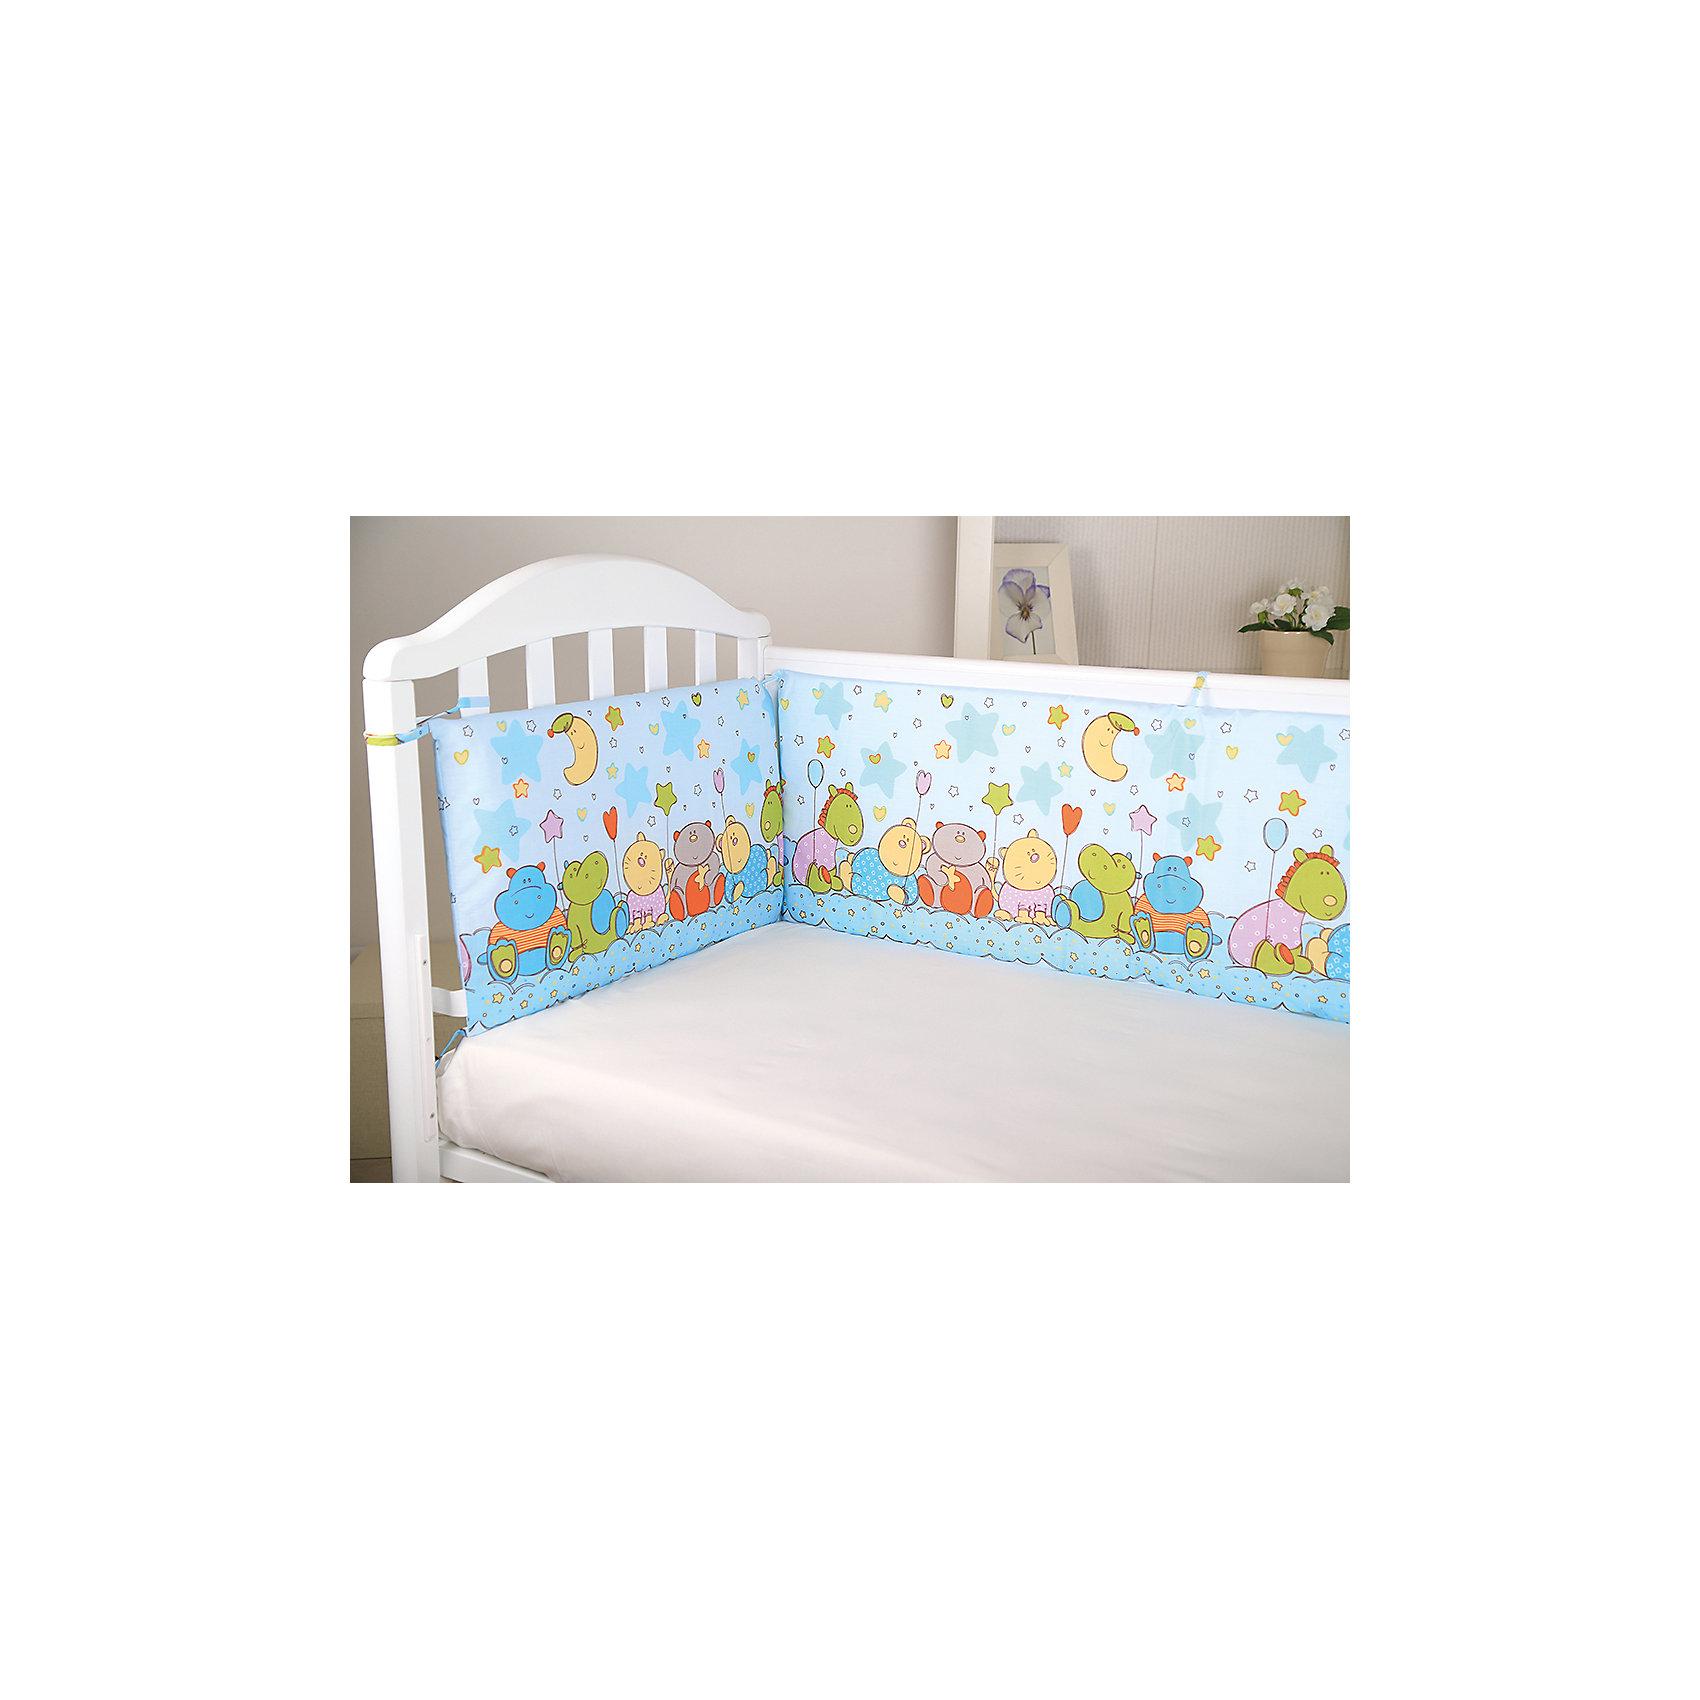 Борт в кроватку Звездопад, Baby Nice, голубойПостельное бельё<br>Мягкий борт в кроватку с нежным принтом и спокойной приятной расцветкой подарит крохе комфорт и безопасность. Борт - раздельный, выполнен из высококачественных гипоаллергенных материалов, сохраняющих цвет и свойства после стирки. <br><br><br>Дополнительная информация:<br><br>- Материал верха:  бязь (хлопок 100%).<br>- Наполнитель: периотек (полиэфирное волокно).<br>- Размер каждого бортика: 35х60 см.<br>- 4 бортика в комплекте.<br>- Цвет: голубой.<br><br>Борт в кроватку Звездопад, Baby Nice (Беби Найс), голубой, можно купить в нашем магазине.<br><br>Ширина мм: 600<br>Глубина мм: 350<br>Высота мм: 50<br>Вес г: 600<br>Возраст от месяцев: 0<br>Возраст до месяцев: 60<br>Пол: Мужской<br>Возраст: Детский<br>SKU: 4058281